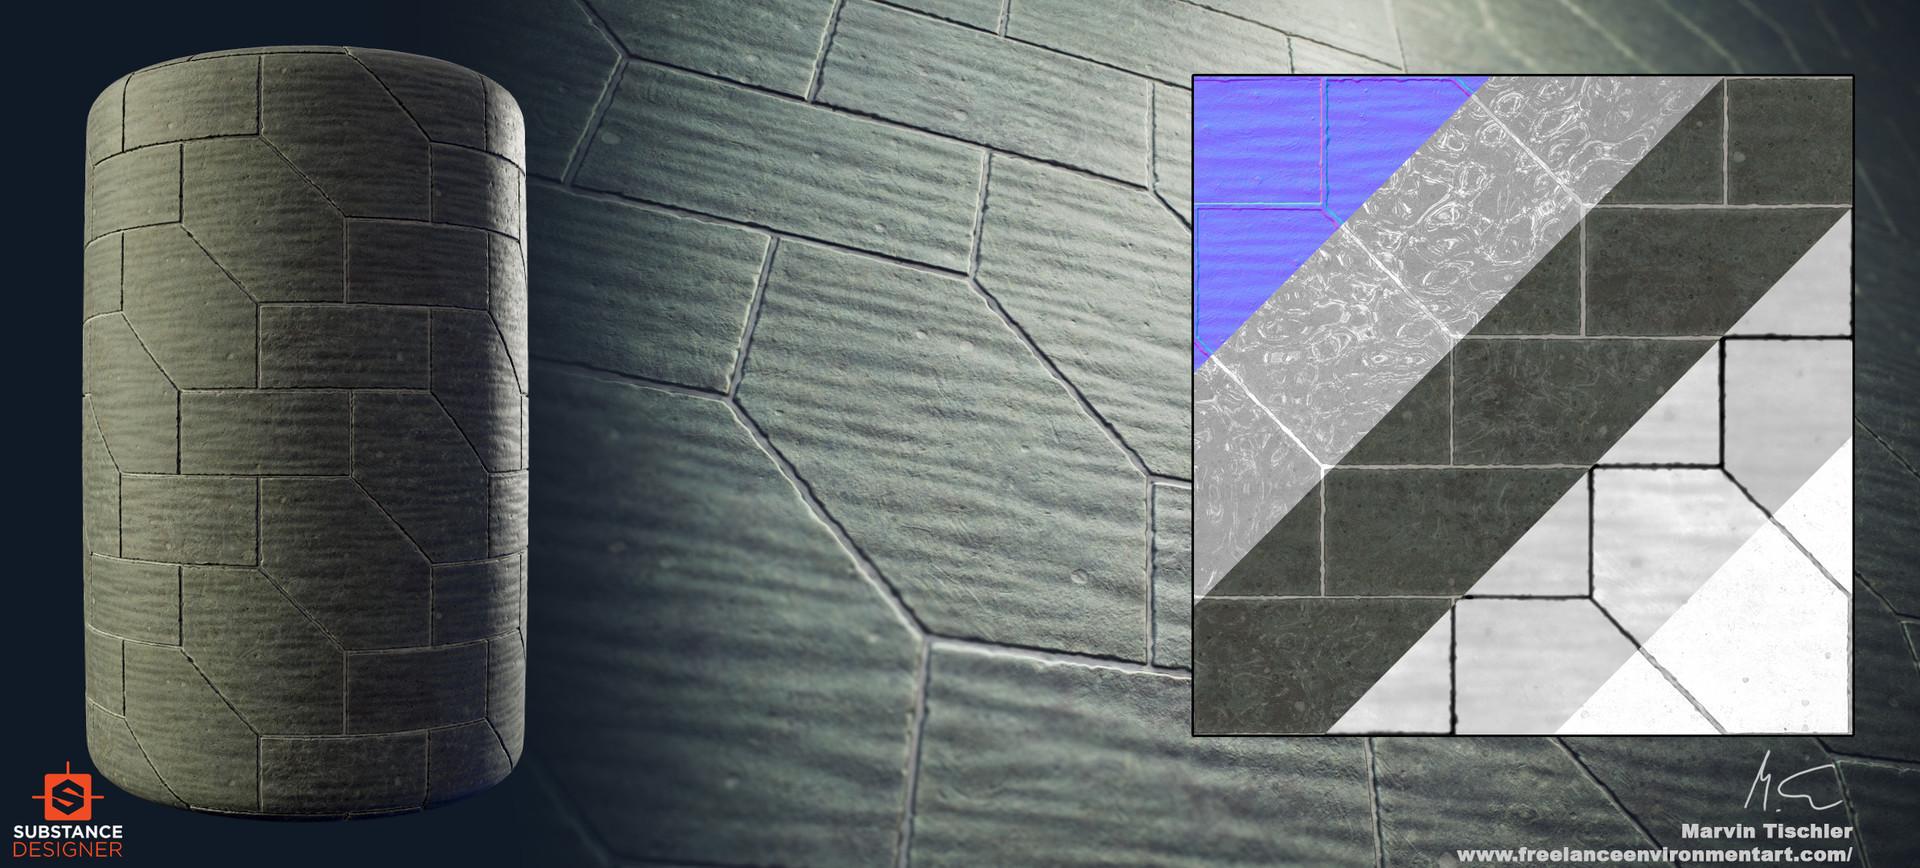 Marvin tischler procedual textures 002 f